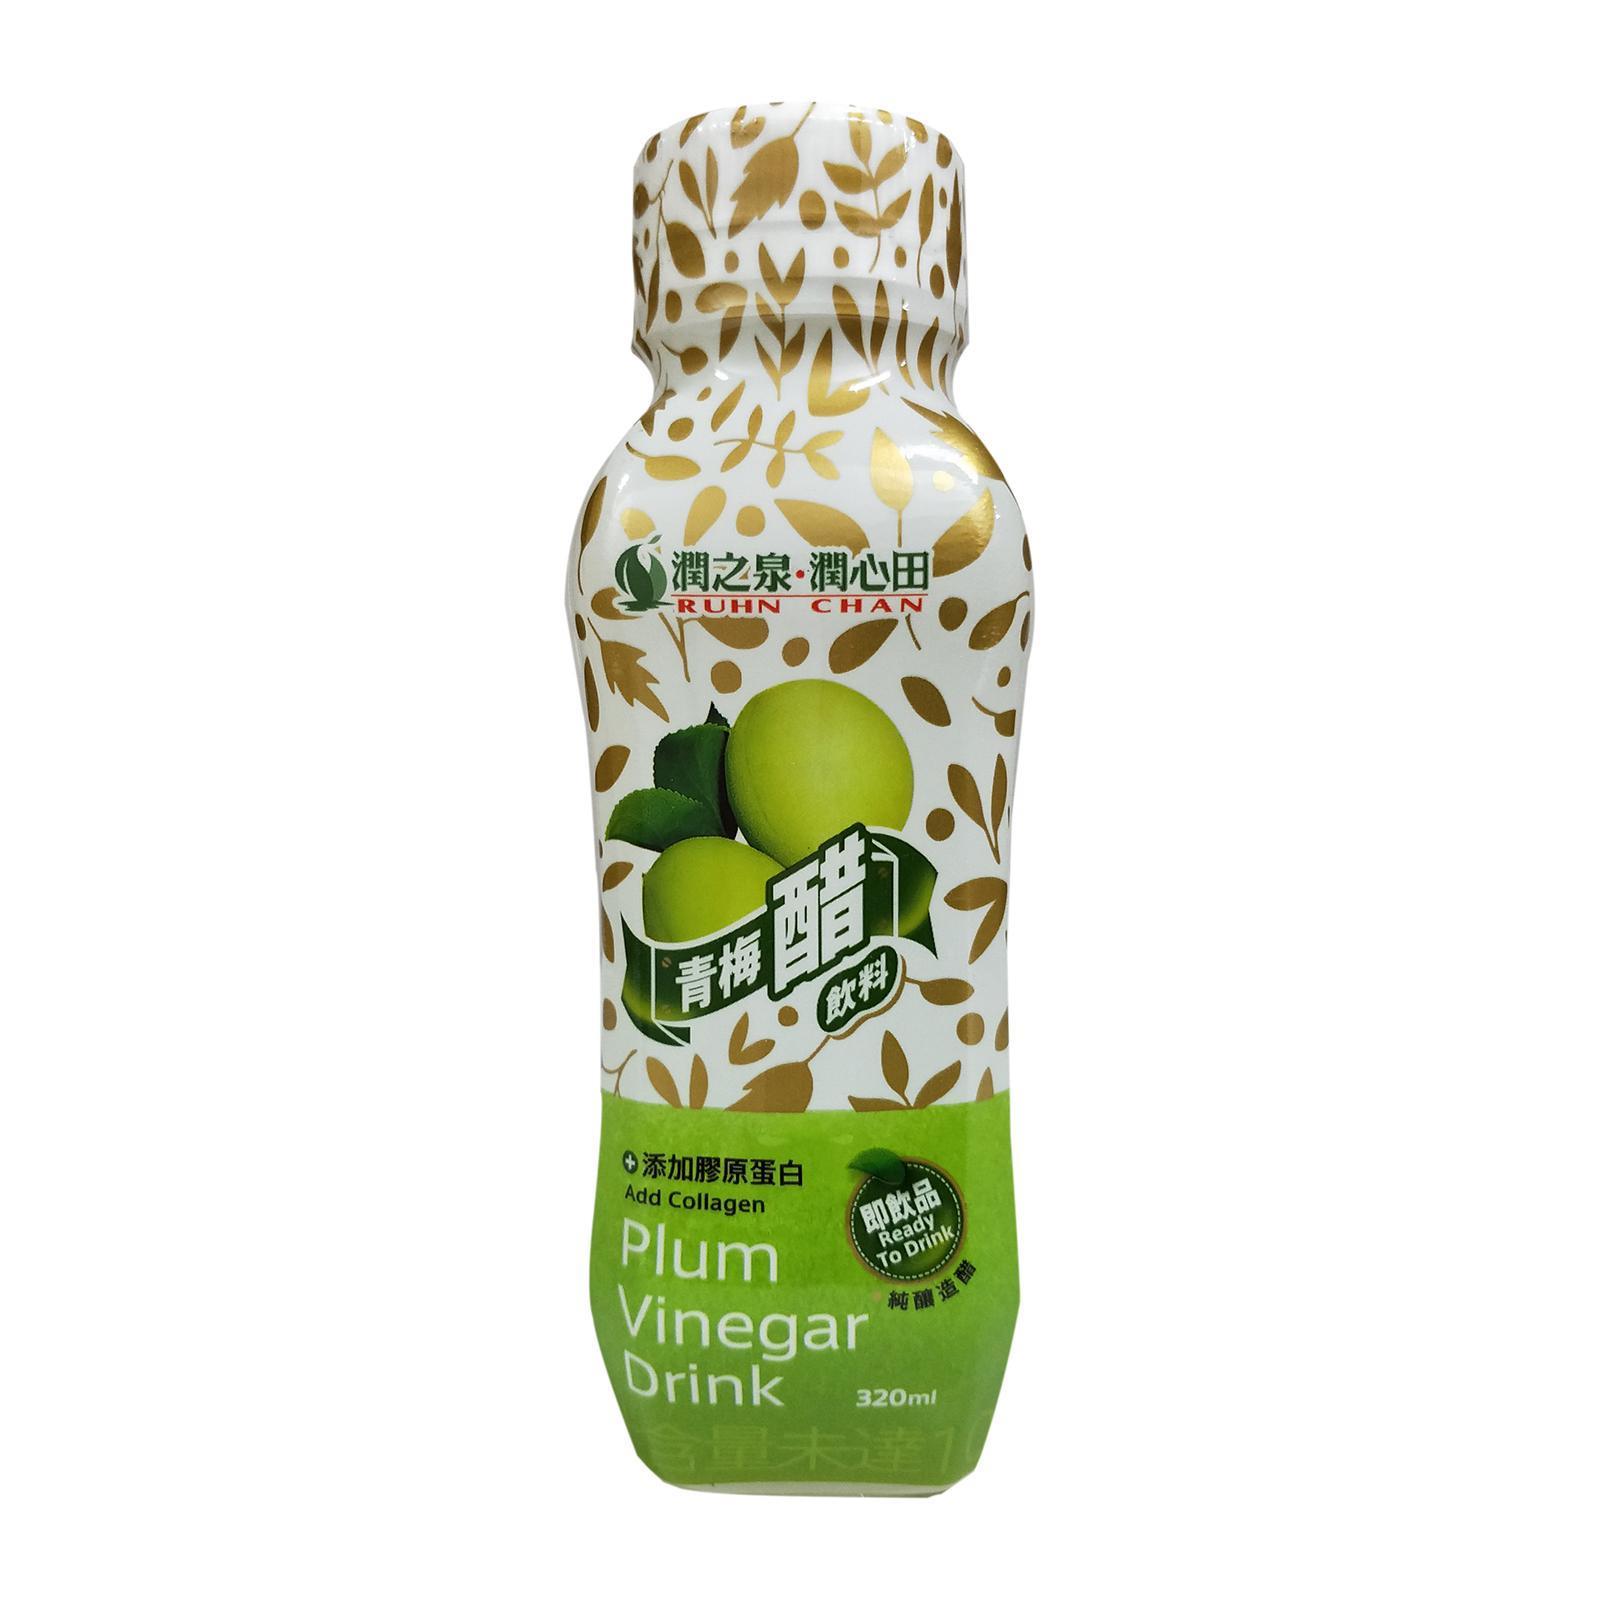 Ruhn Chan Plum Vinegar Drink